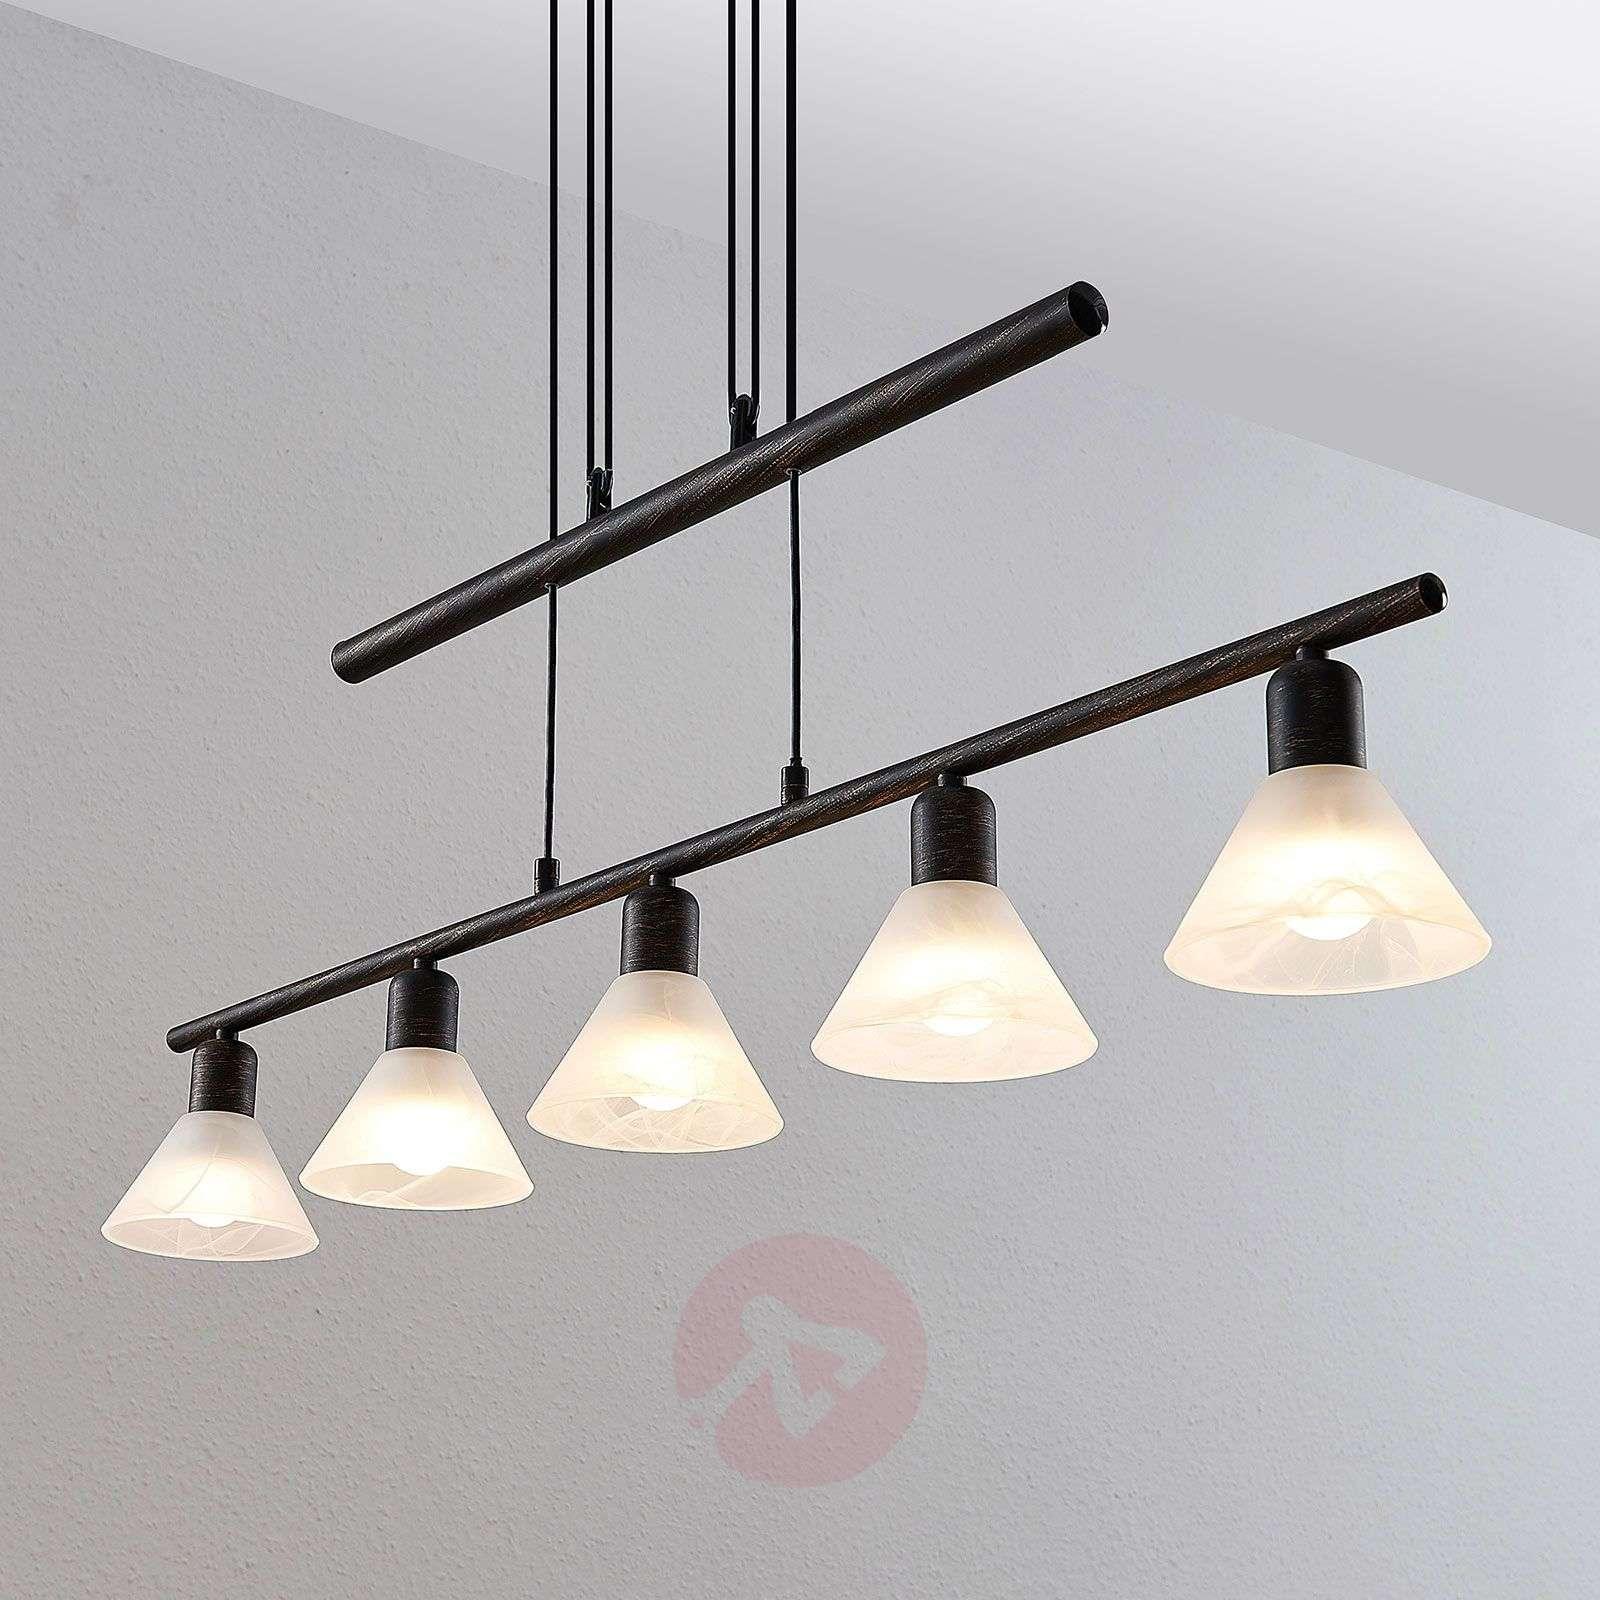 Riippuvalaisin Delira 5-lamppuinen musta-9624697-01